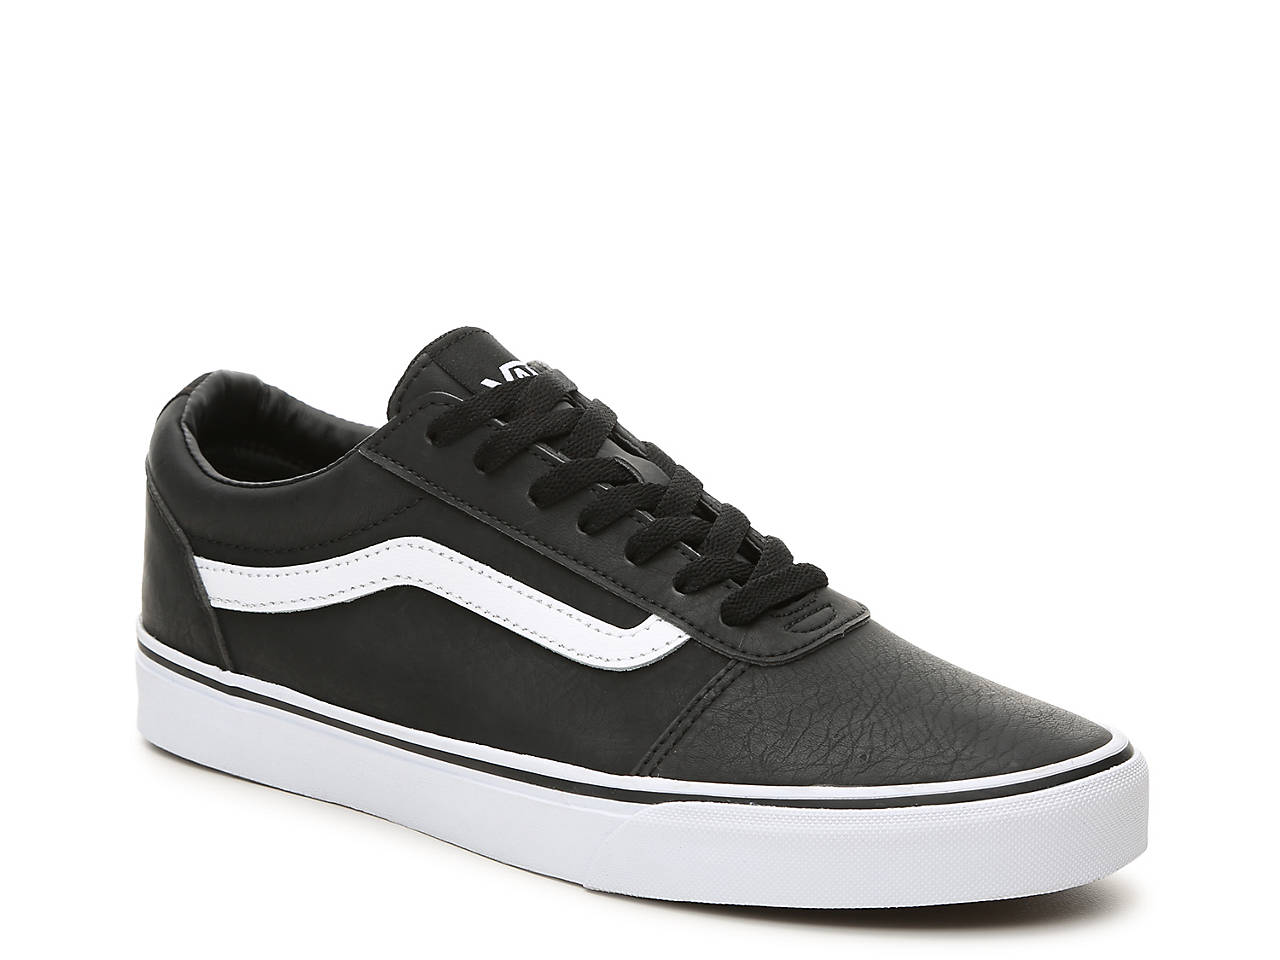 3d514372d0f Vans Ward Lo Leather Sneaker - Men s Men s Shoes